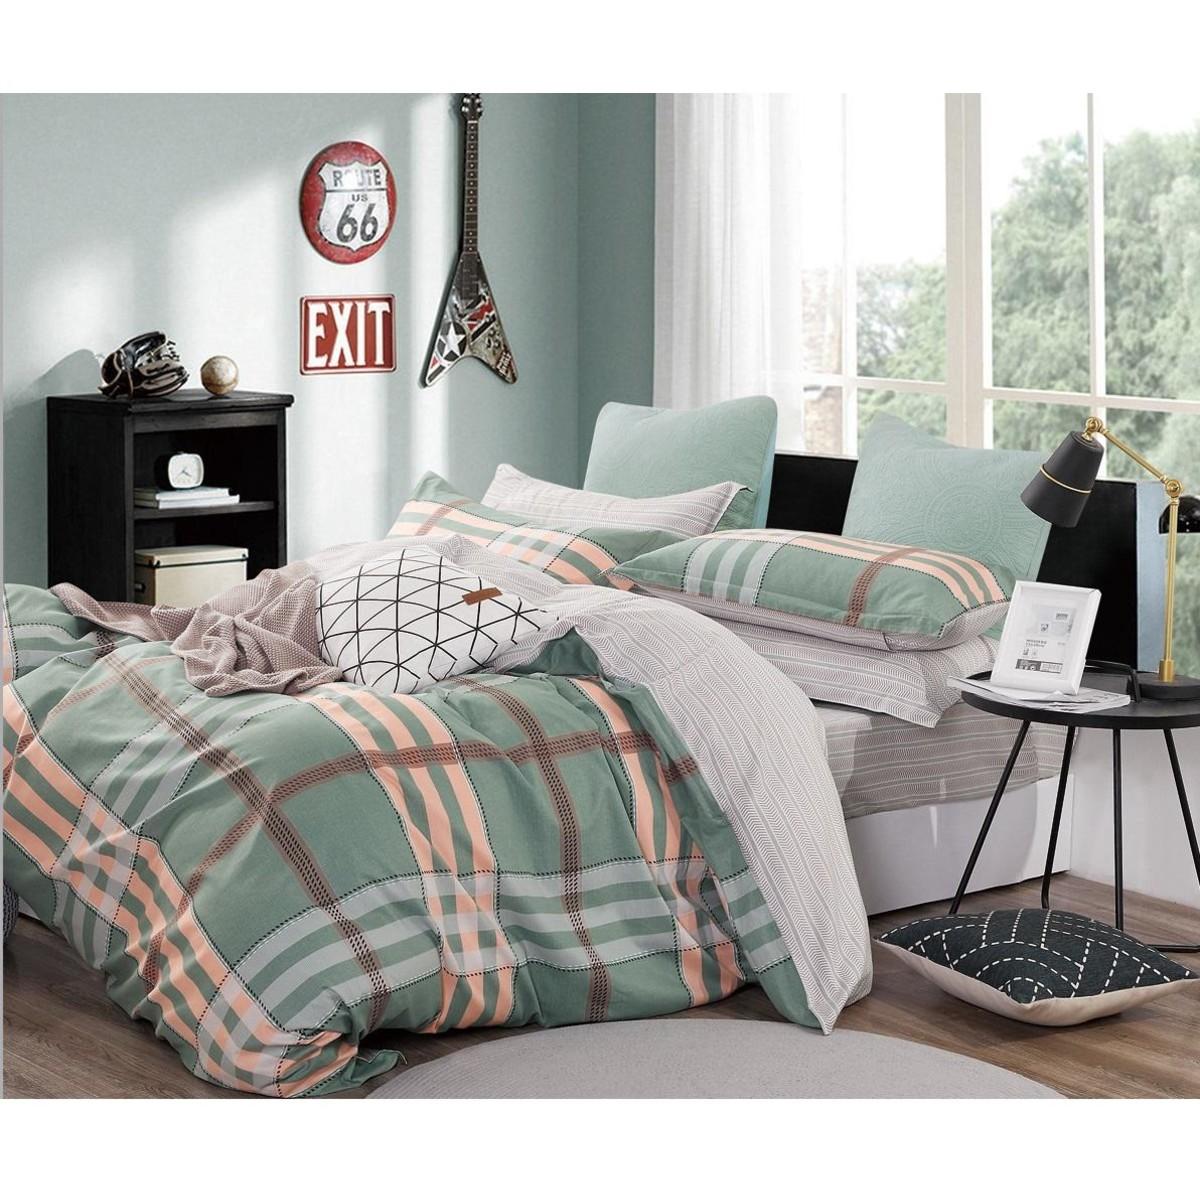 Комплект постельного белья 2-спальный Jardin 3820/160/812